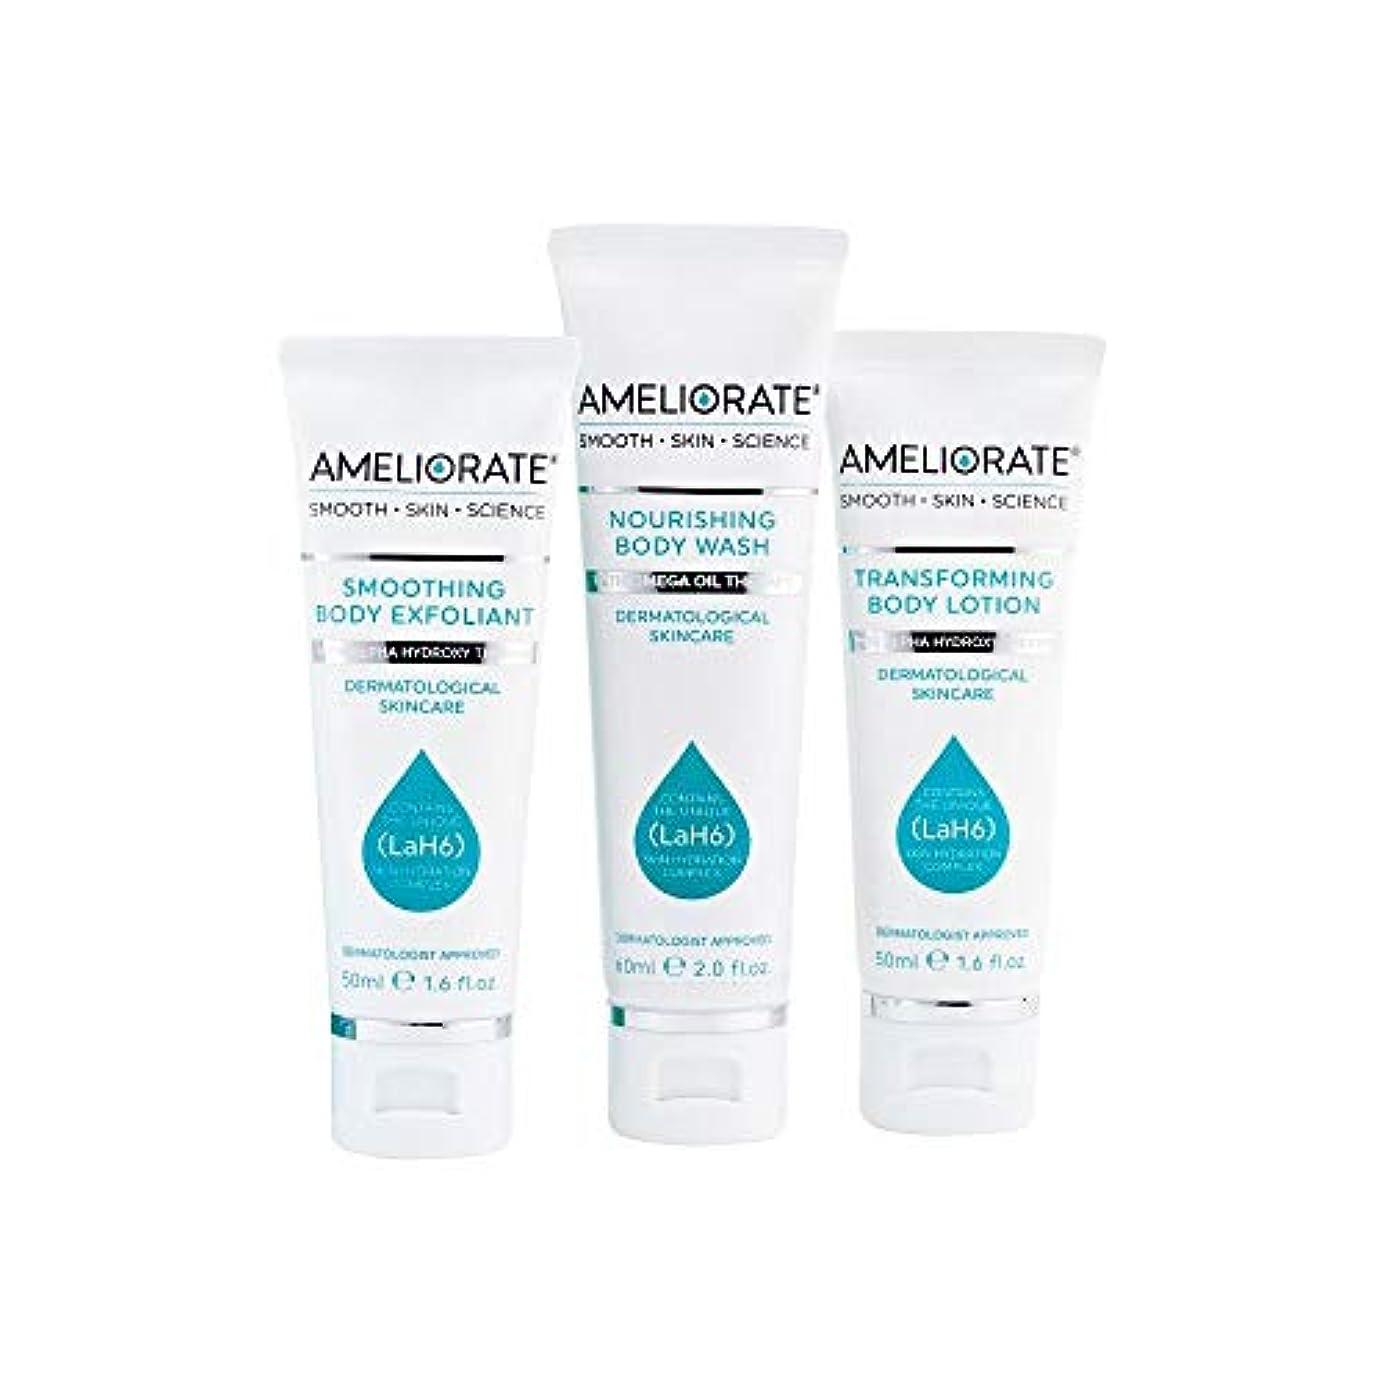 居住者パーク短命[Ameliorate] 皮膚キットを滑らかにする3つのステップを改善 - Ameliorate 3 Steps to Smooth Skin Kit [並行輸入品]